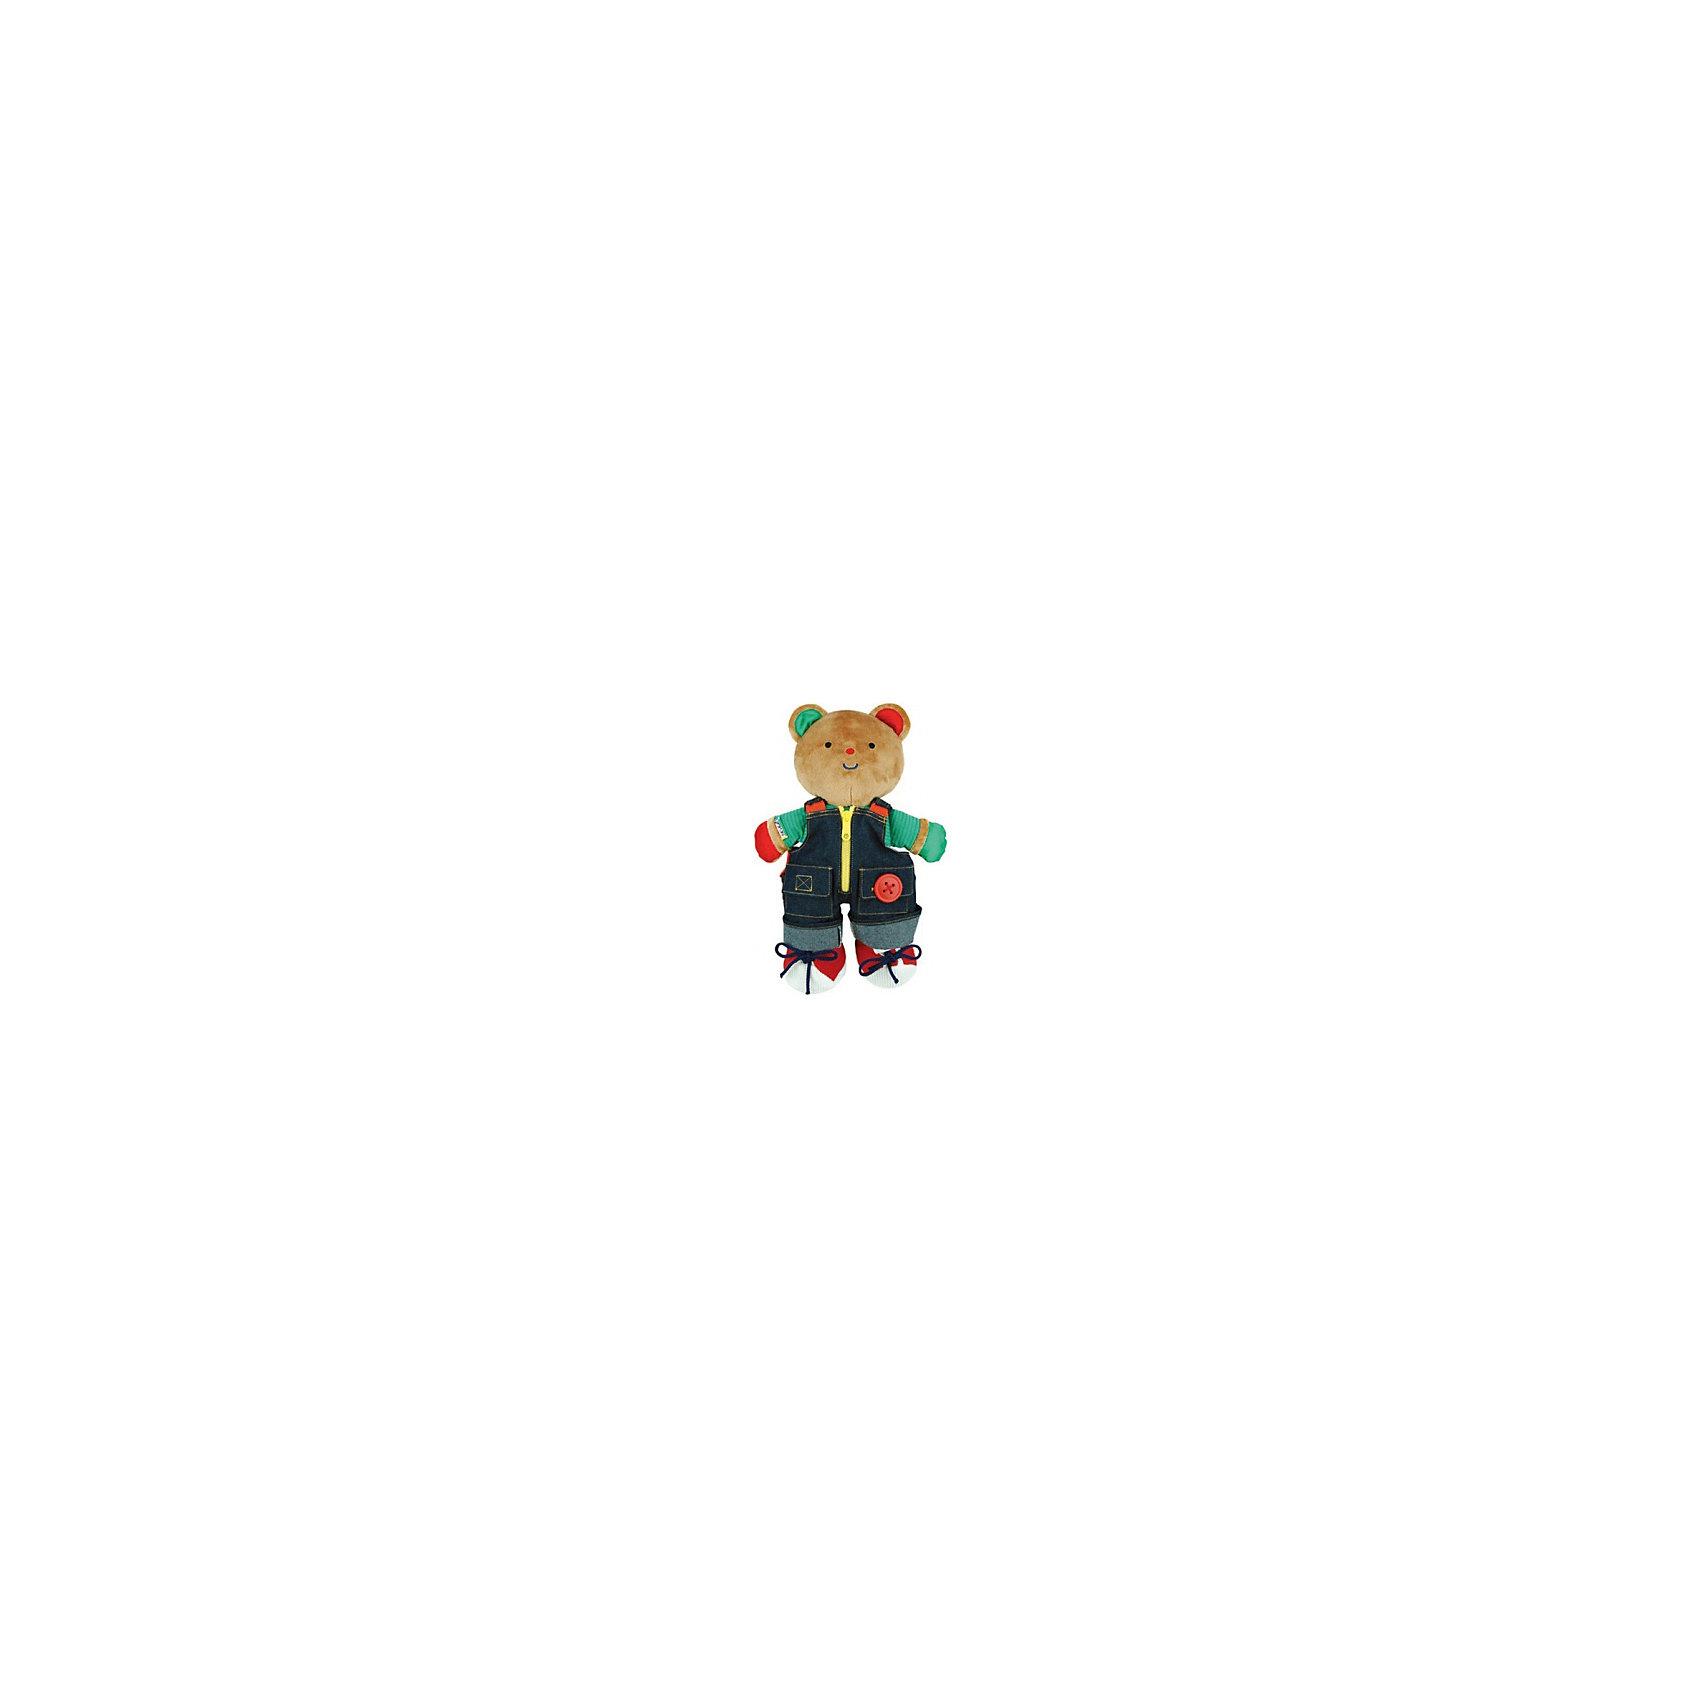 Медвежонок Teddy в одежде, Ks KidsМедвежонок Teddy в одежде, Ks Kids (Кс Кидс) ? уникальная мягкая игрушка мирового бренда Кс Кидс. Медвежонок Teddy не просто станет самым любимым другом вашего малыша, он научит его аккуратности и опрятности в одежде. Медвежонок одет в модный джинсовый комбинезон, который украшен всеми возможными видами застежек: пуговица, замочек на молнии, липучка. Красивые ботиночки на лапах Teddy позволят научить малыша самому сложному процессу завязывания шнурков без слез и капризов! <br>Медвежонок Teddy в одежде, Ks Kids (Кс Кидс) ? это не только обучающая игрушка, это замечательная игрушка для сна. Вместе с медвежонком Teddy готовиться ко сну теперь можно будет без истерик, так как комбинезон у него съемный. Изготовленная из приятных на ощупь гипоаллергенных материалов эта мягкая игрушка от Кс Кидс подарит вашему ребенку спокойный сон. <br><br>Дополнительная информация:<br><br>- Вид игр: сюжетно-ролевые игры<br>- Предназначение: для дома, для детских садов, детских развивающих центров<br>- Материал: ткань<br>- Размер: высота мишки 34 см <br>- Вес: 400 г<br>- Комплектация: съемный комбинезон и ботиночки<br>- Особенности ухода: ручная стирка или машинная на режиме деликатной стирки <br><br>Подробнее:<br><br>• Для детей в возрасте: от 1 года до 3 лет<br>• Страна производитель: Китай<br>• Торговый бренд: Ks Kids (Кс Кидс)<br><br>Медвежонка Teddy в одежде Ks Kids (Кс Кидс) можно купить в нашем интернет-магазине.<br><br>Ширина мм: 260<br>Глубина мм: 75<br>Высота мм: 340<br>Вес г: 680<br>Возраст от месяцев: 12<br>Возраст до месяцев: 36<br>Пол: Унисекс<br>Возраст: Детский<br>SKU: 4790445